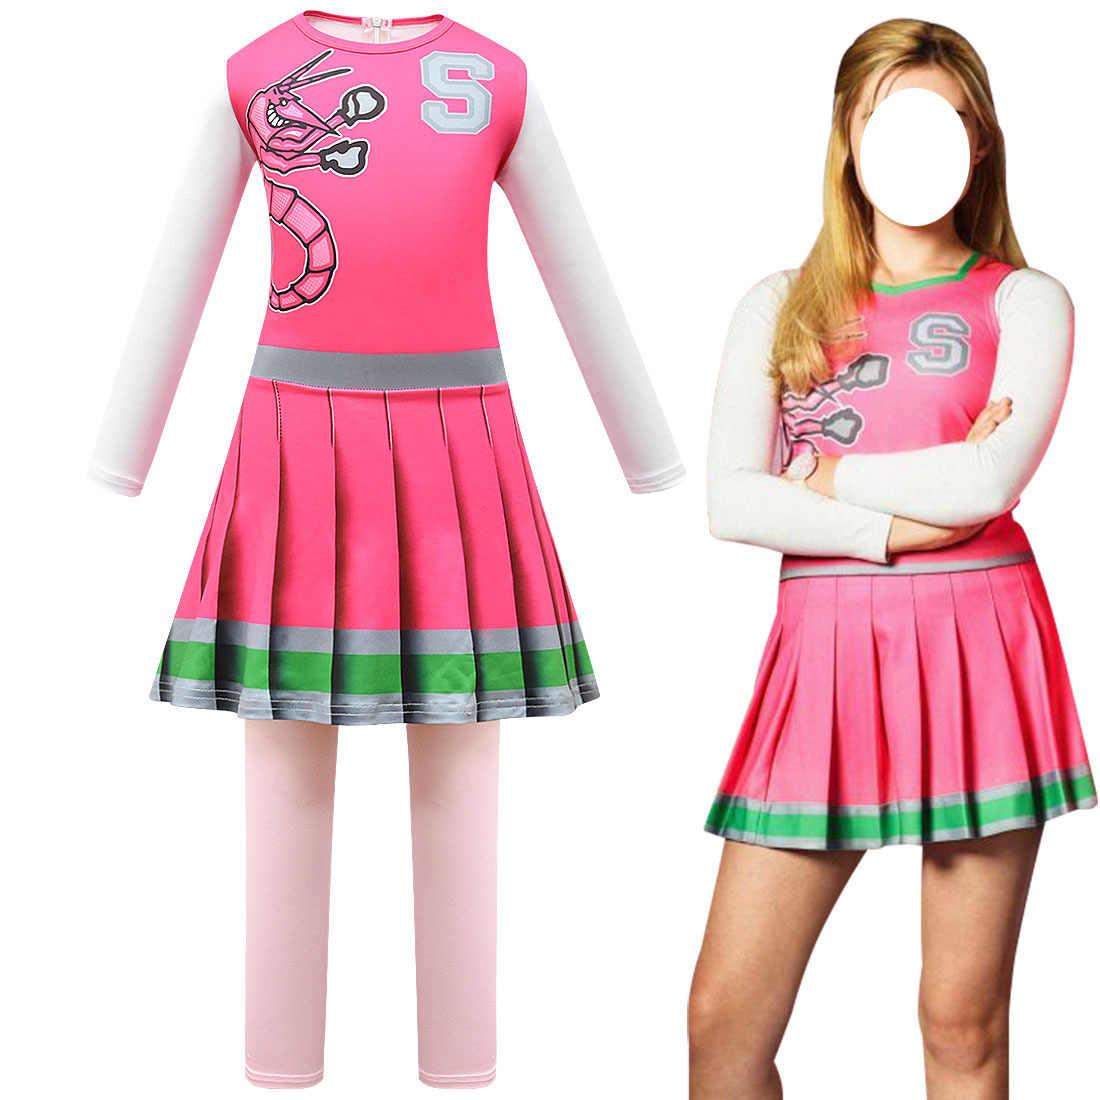 Kinder Karneval Halloween Cheerleader Kostüm Cosplay Mädchen Addison Outfit  Phantasie Kleid Zombie Cheer Camp Kostüme Kleidung für Mädchen